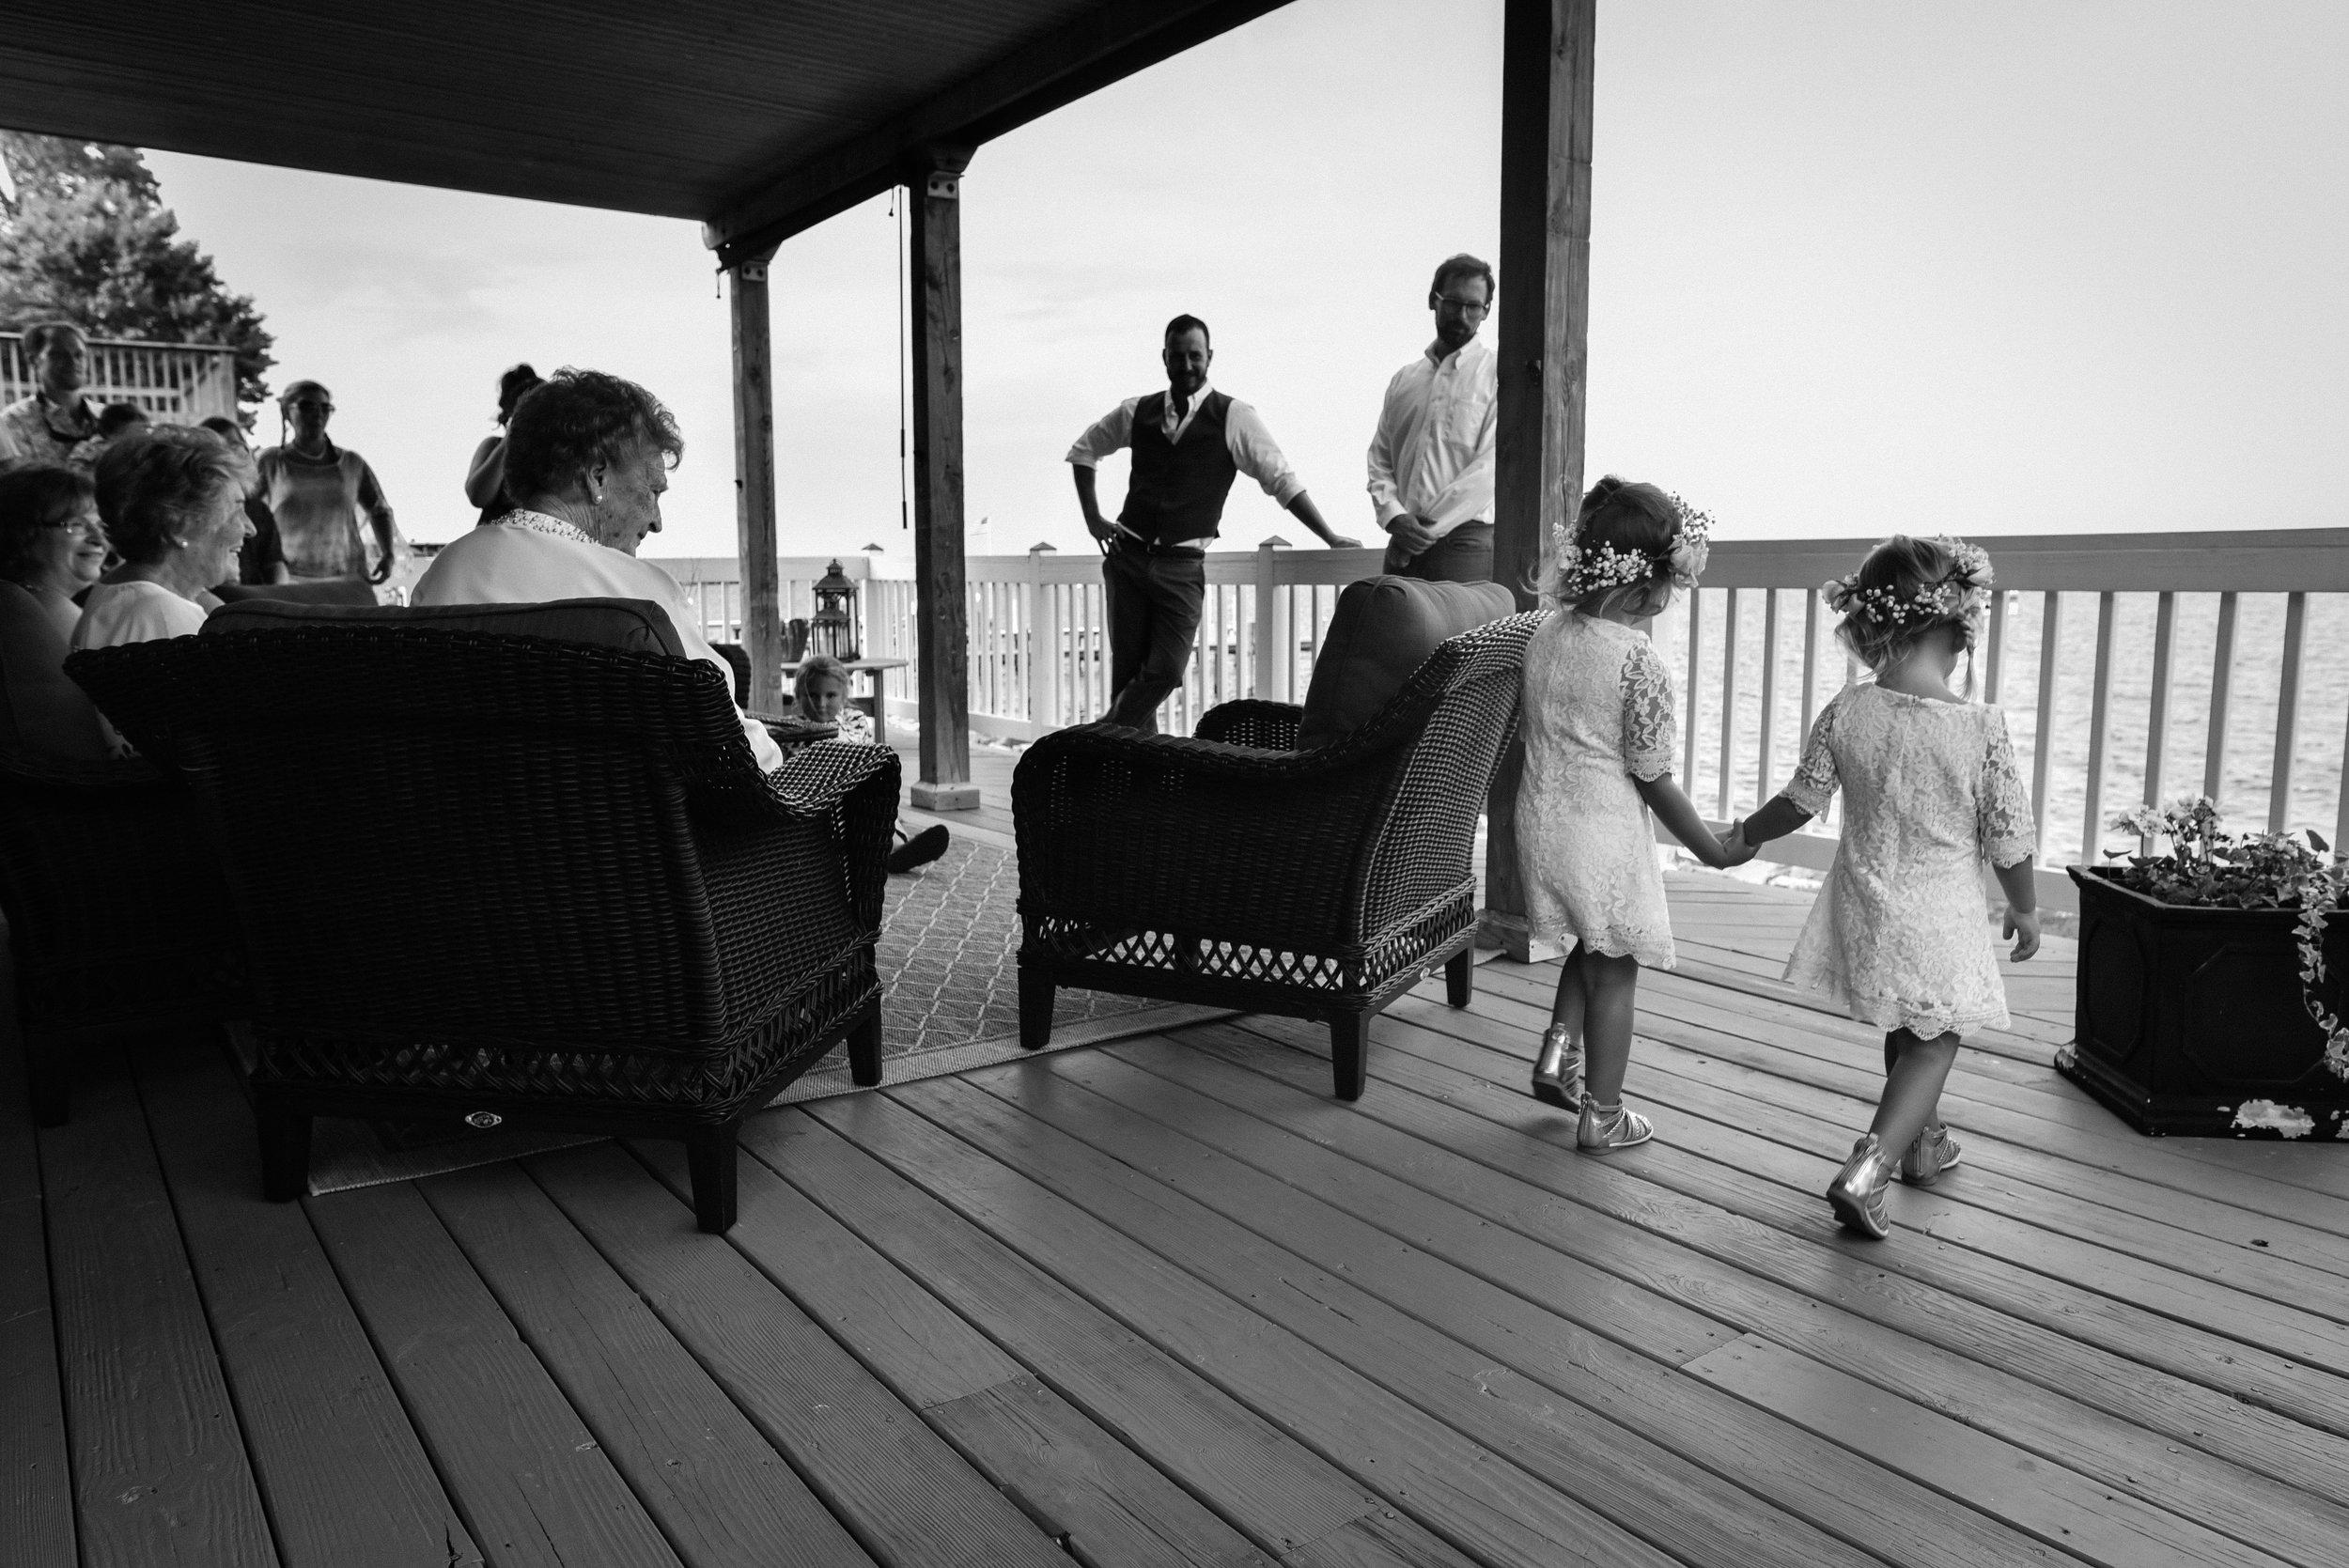 chesapeake_beach_backyard_wedding-37.jpg